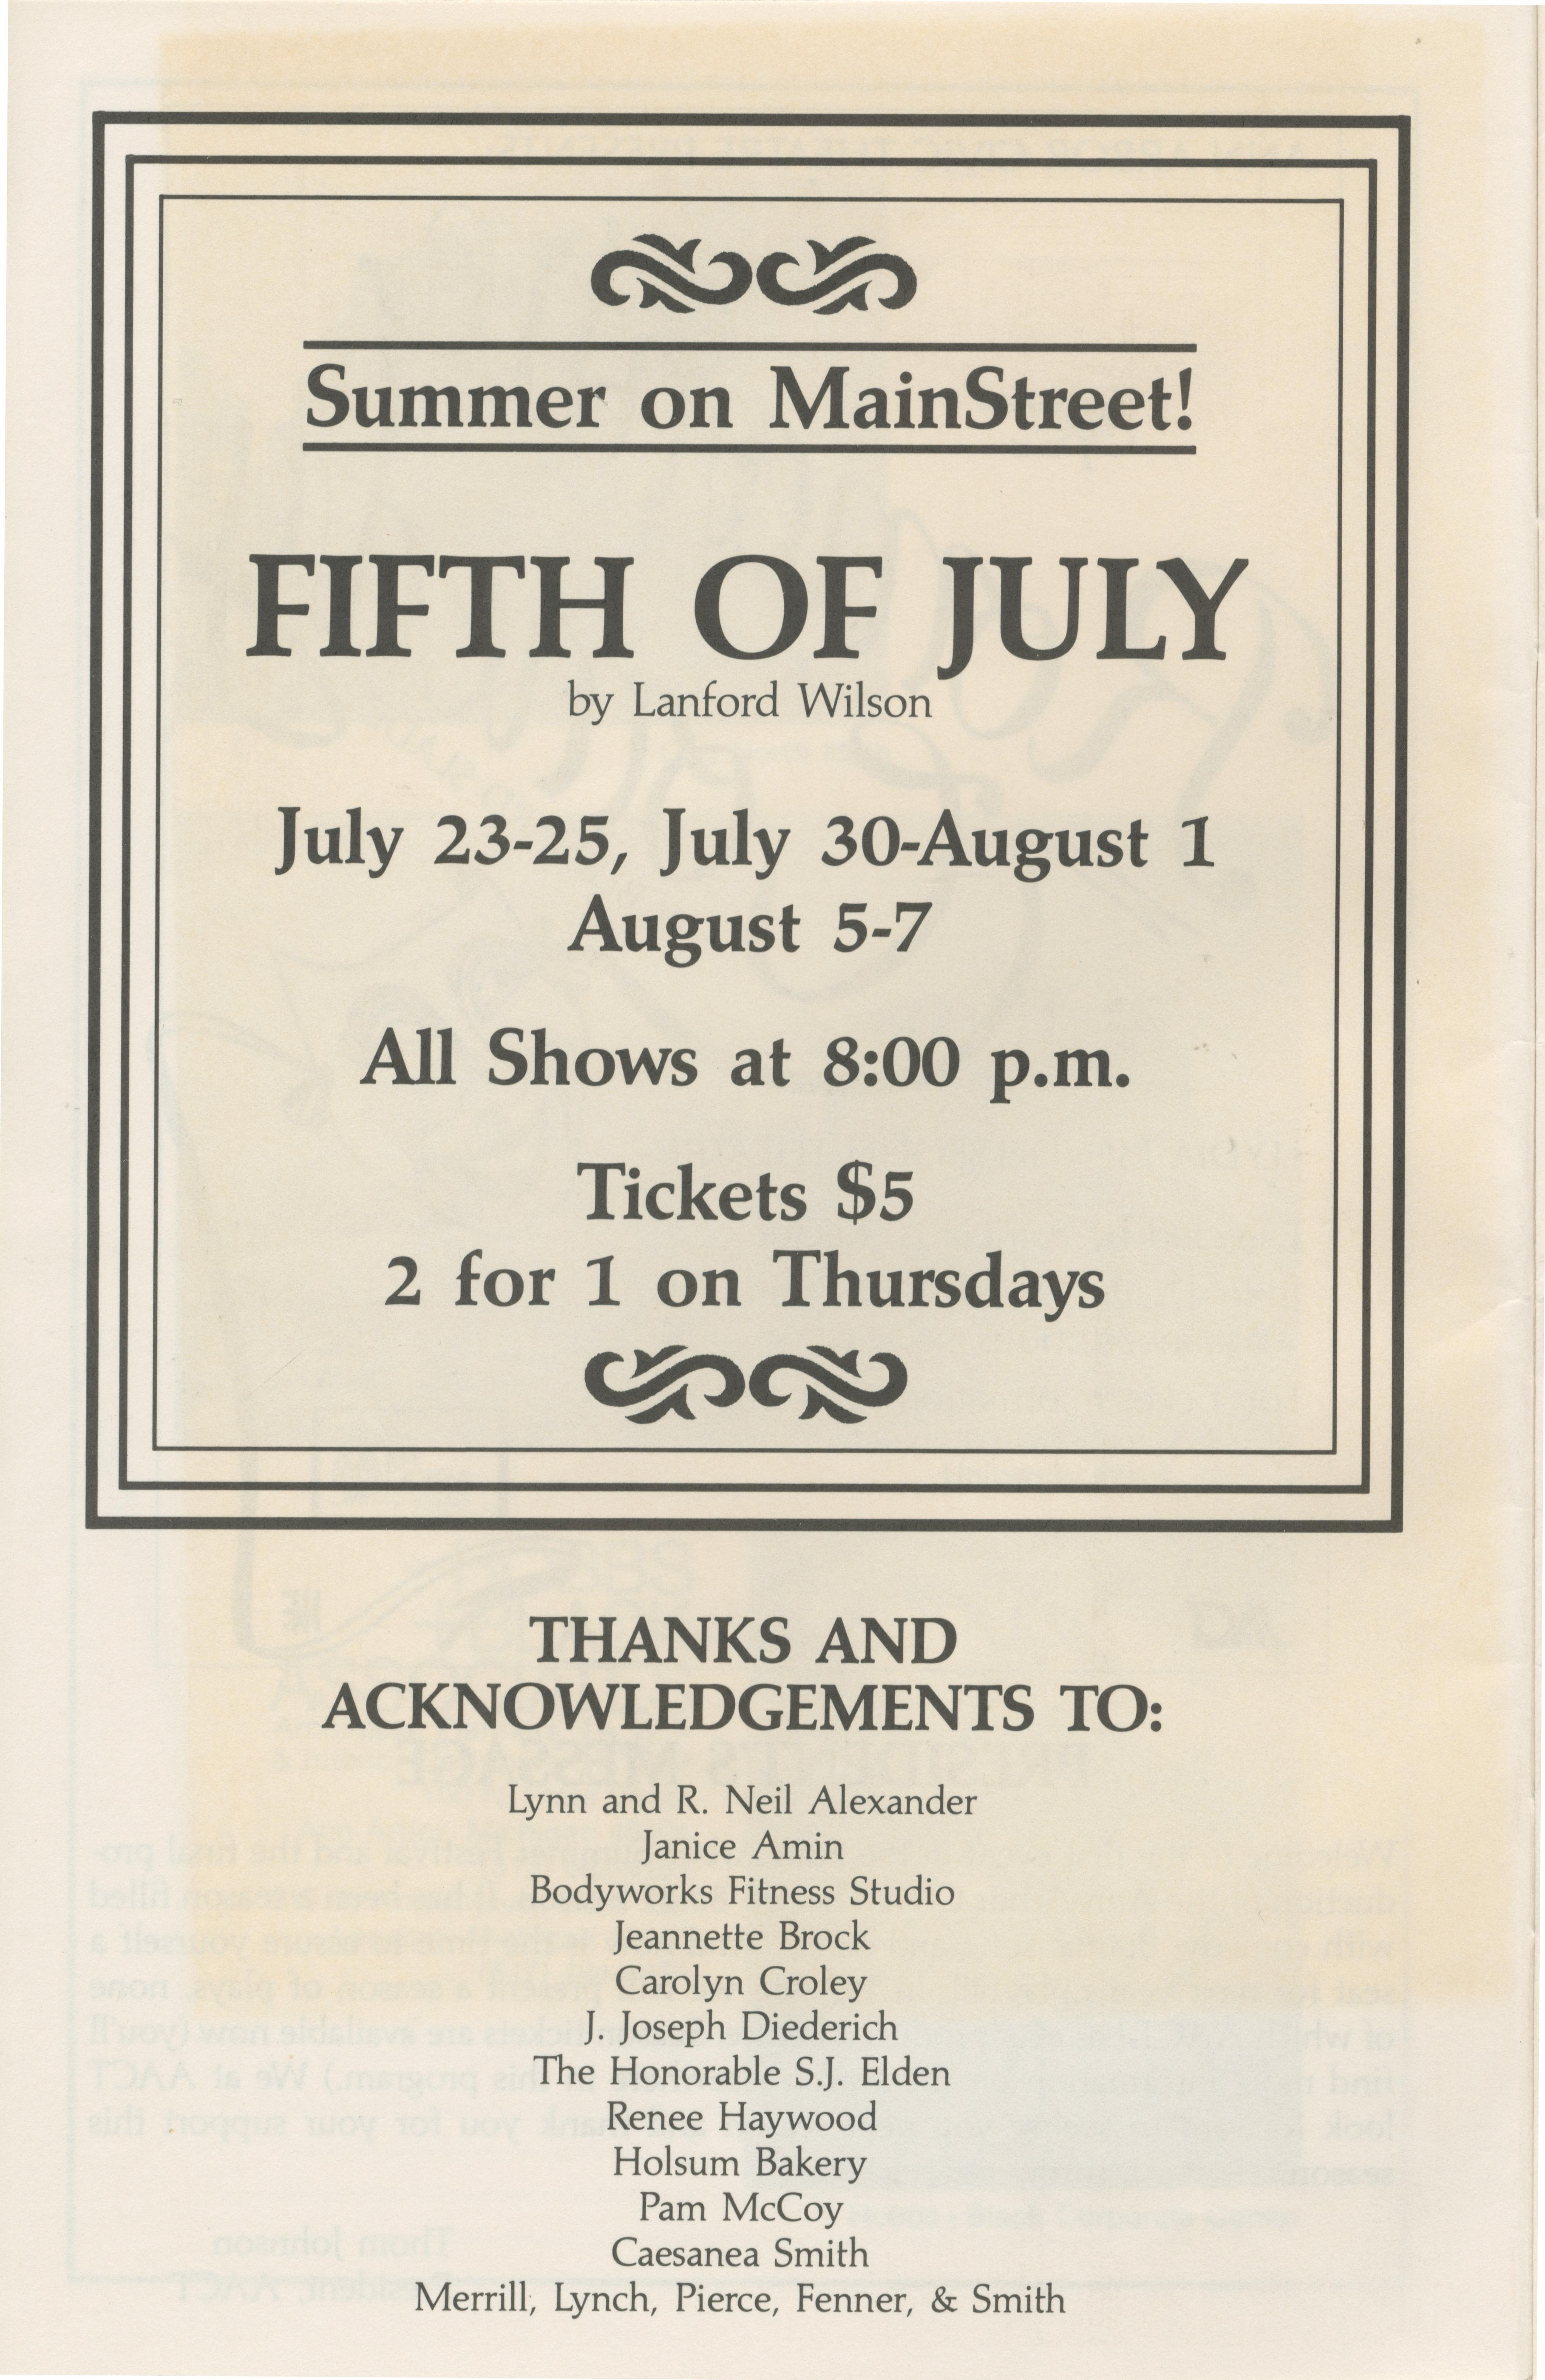 ann arbor civic theatre program r tic comedy 17 1987 ann arbor civic theatre program r tic comedy 17 1987